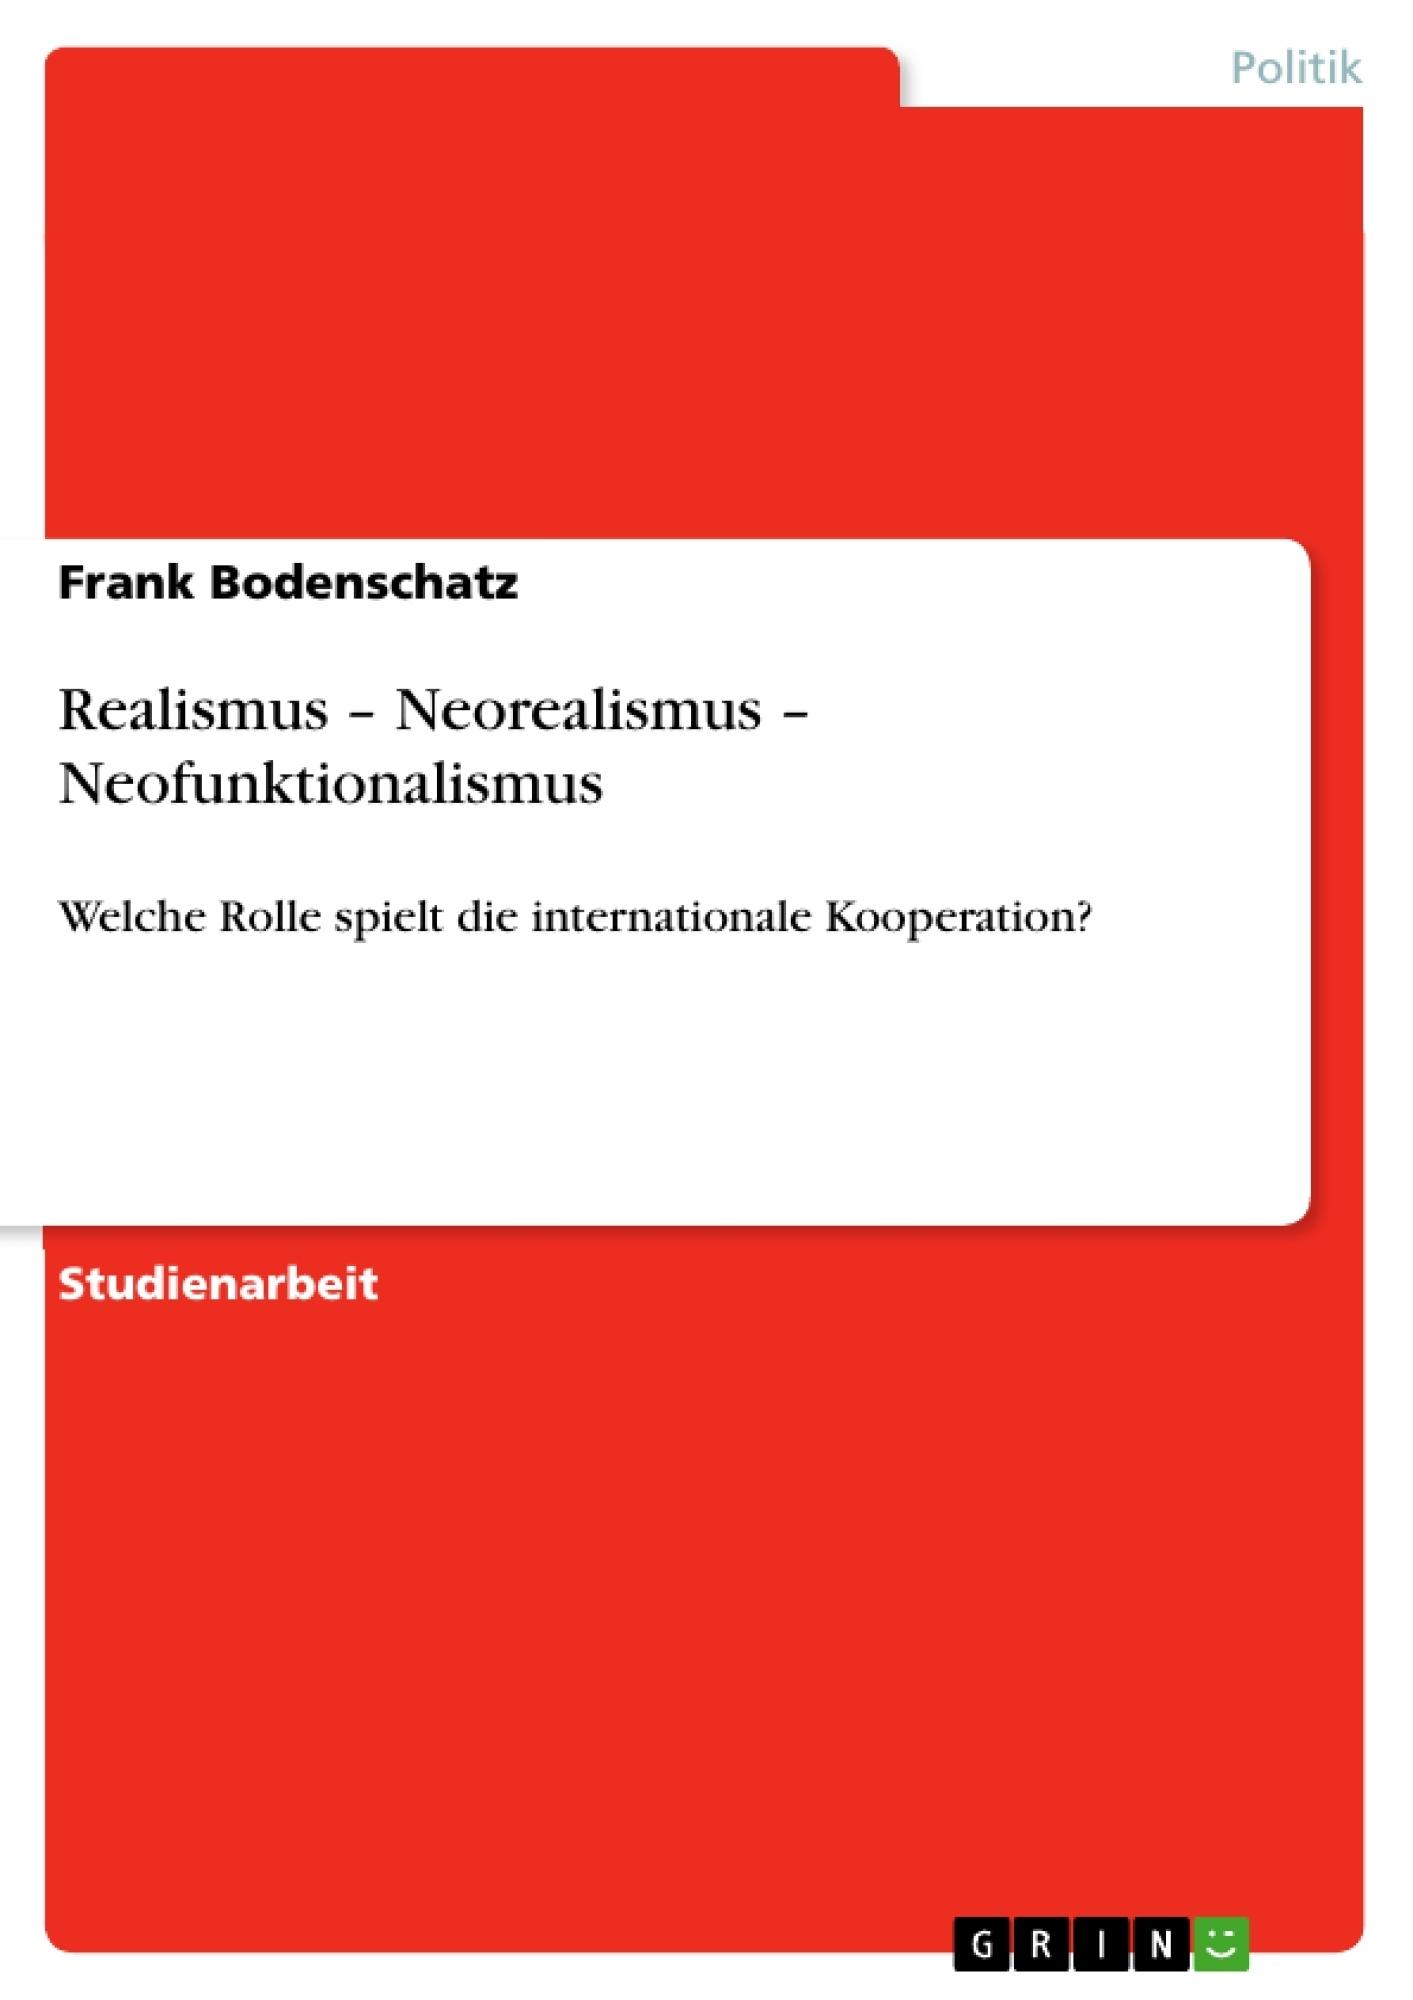 Titel: Realismus – Neorealismus – Neofunktionalismus